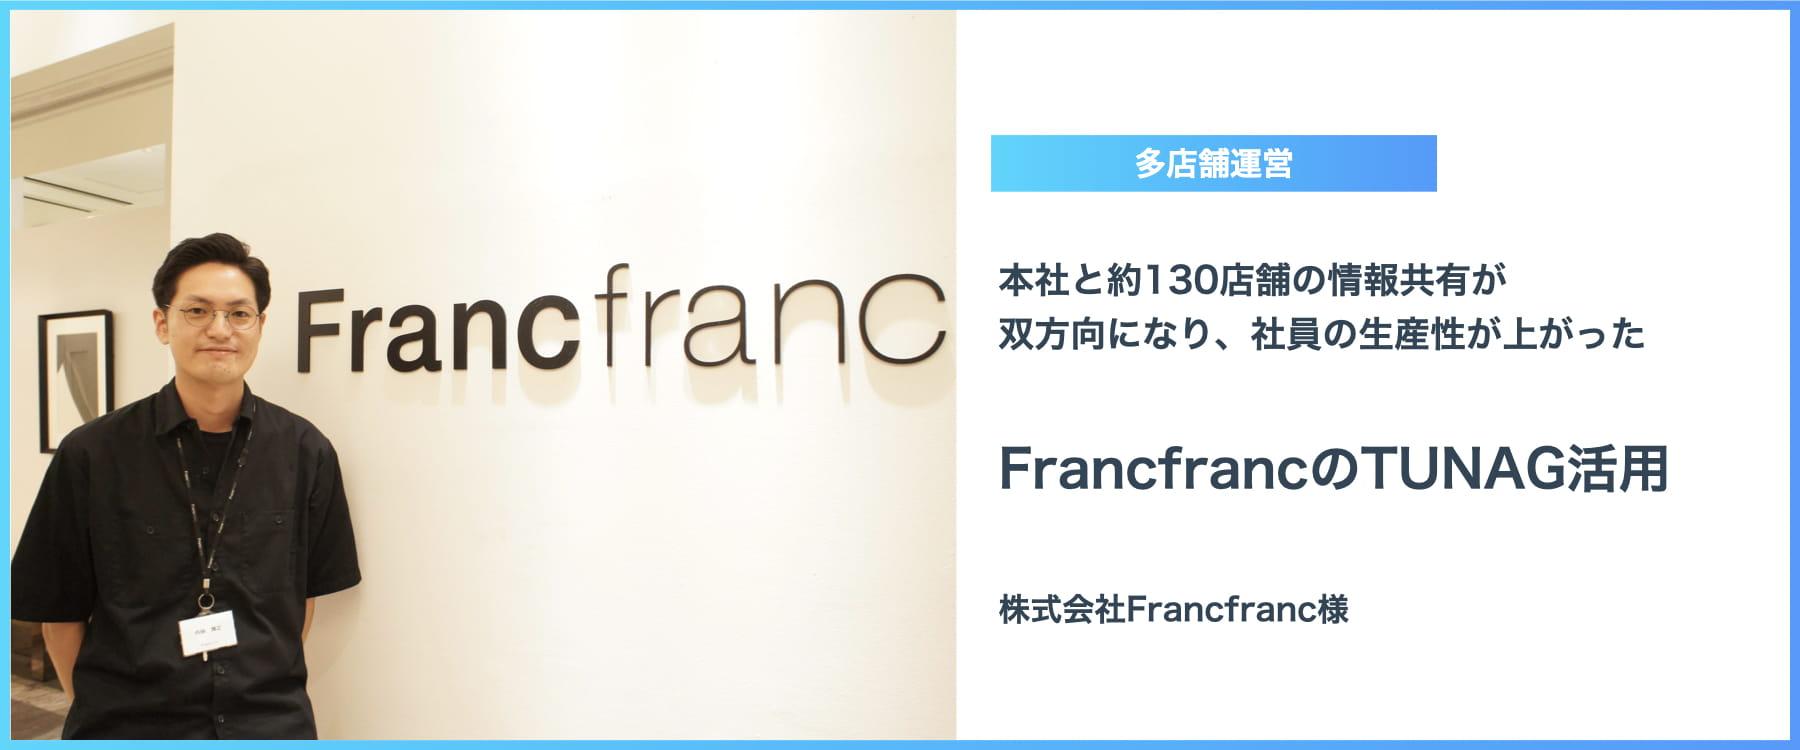 FrancfrancのTUNAG活用「本社と店舗の情報共有が双方向になり、社員の生産性が上がった」風通しのよい会社の実現を目指す方法